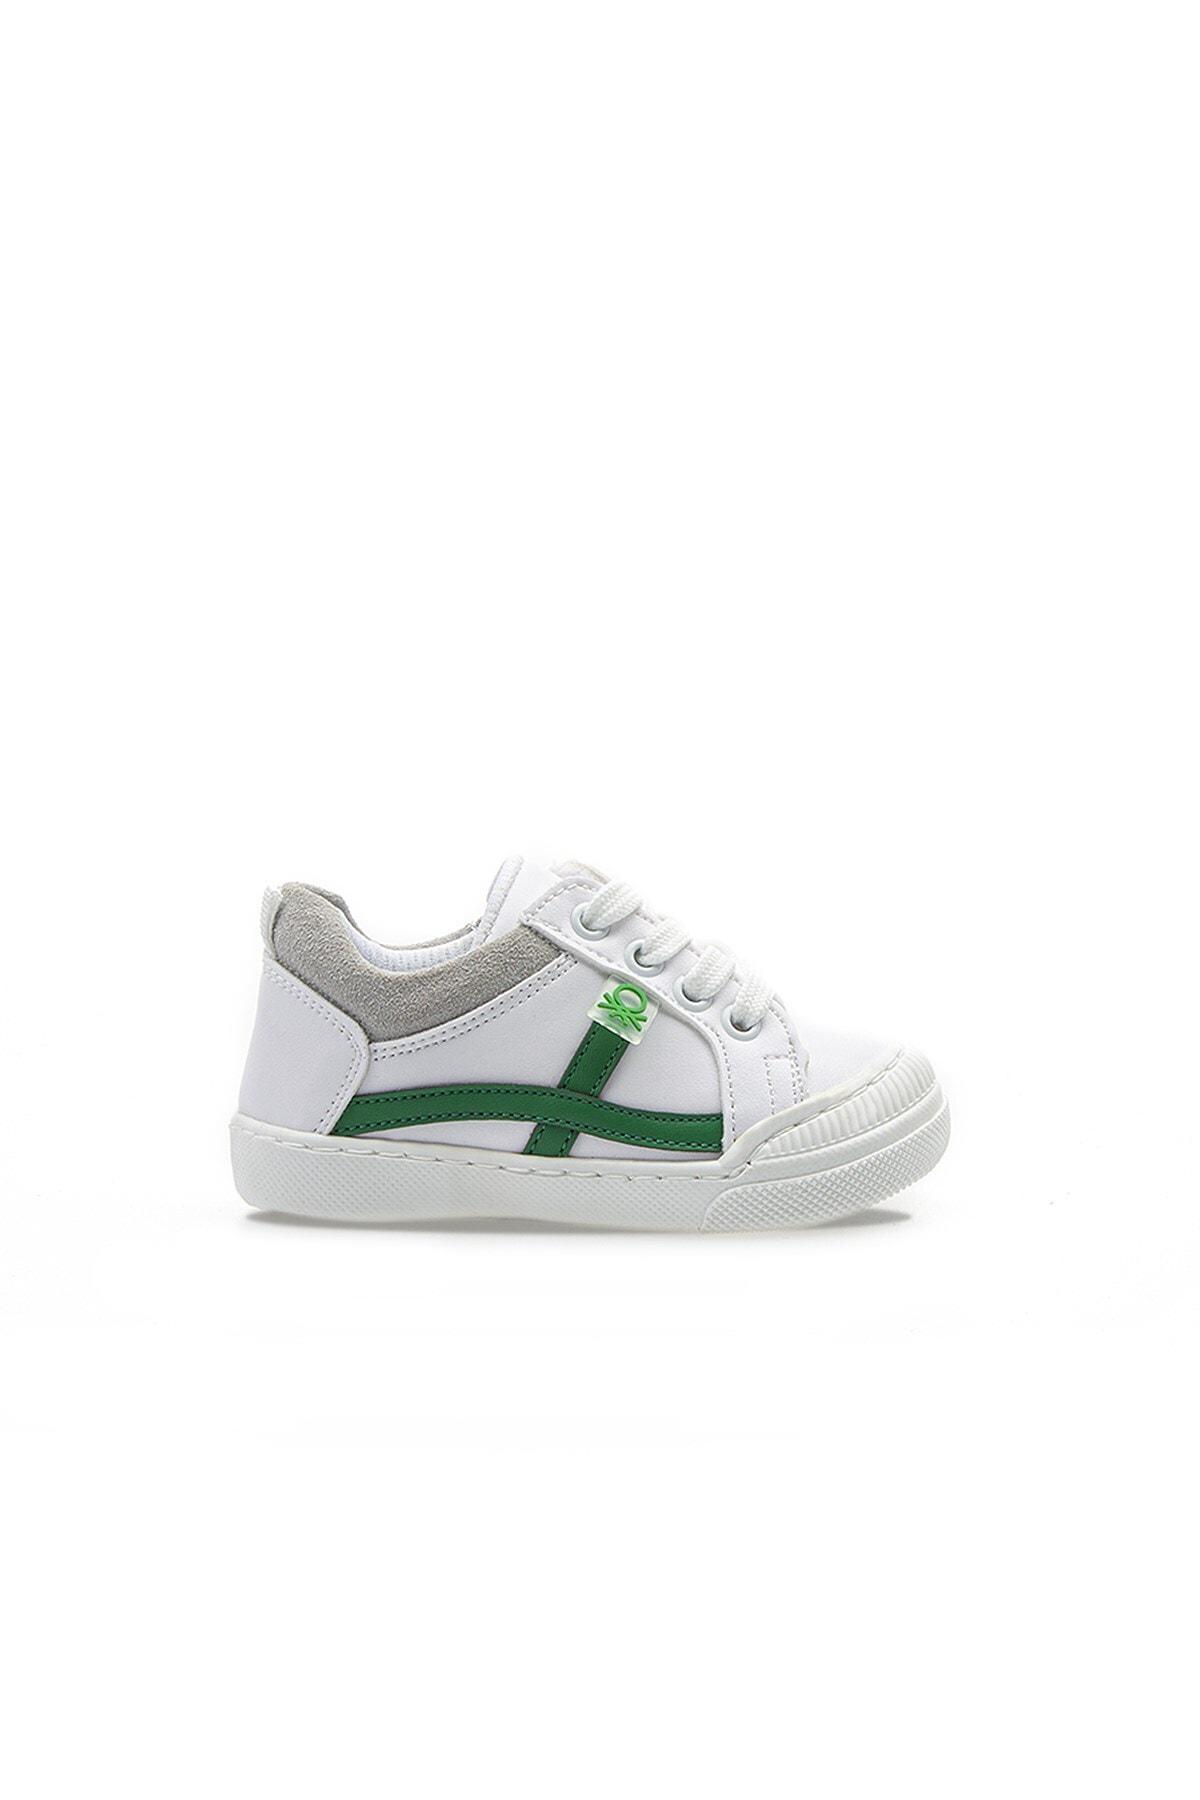 BN-1016 Beyaz Çocuk Spor Ayakkabı